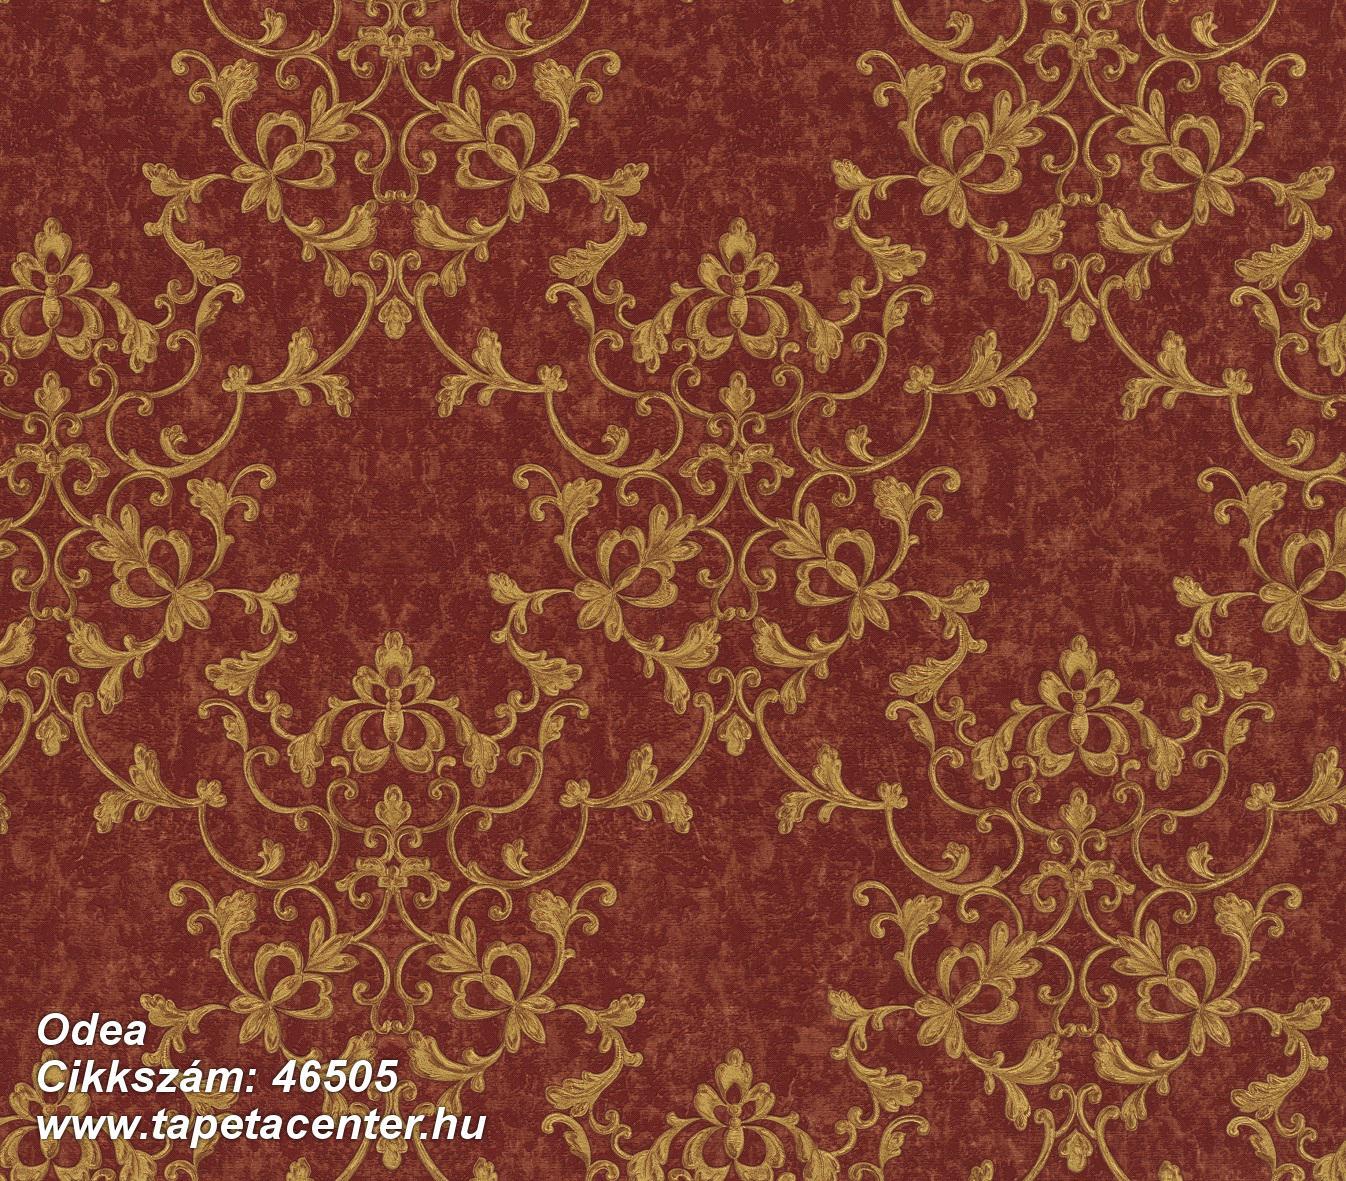 Odea - 46505 Olasz tapéta